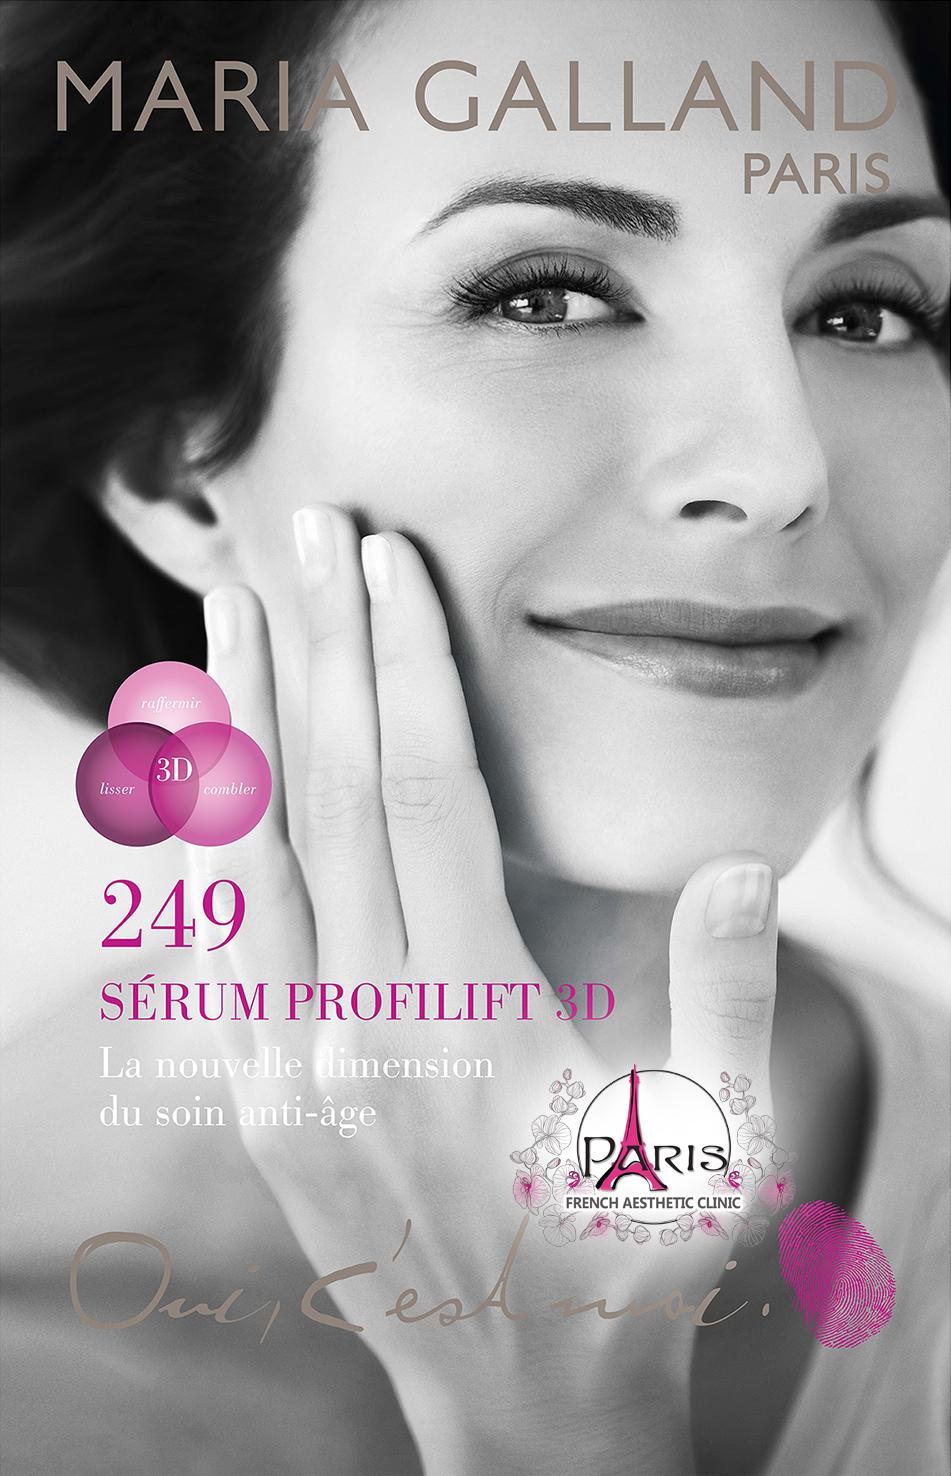 Profilift-3D терапия на Maria Galland Paris